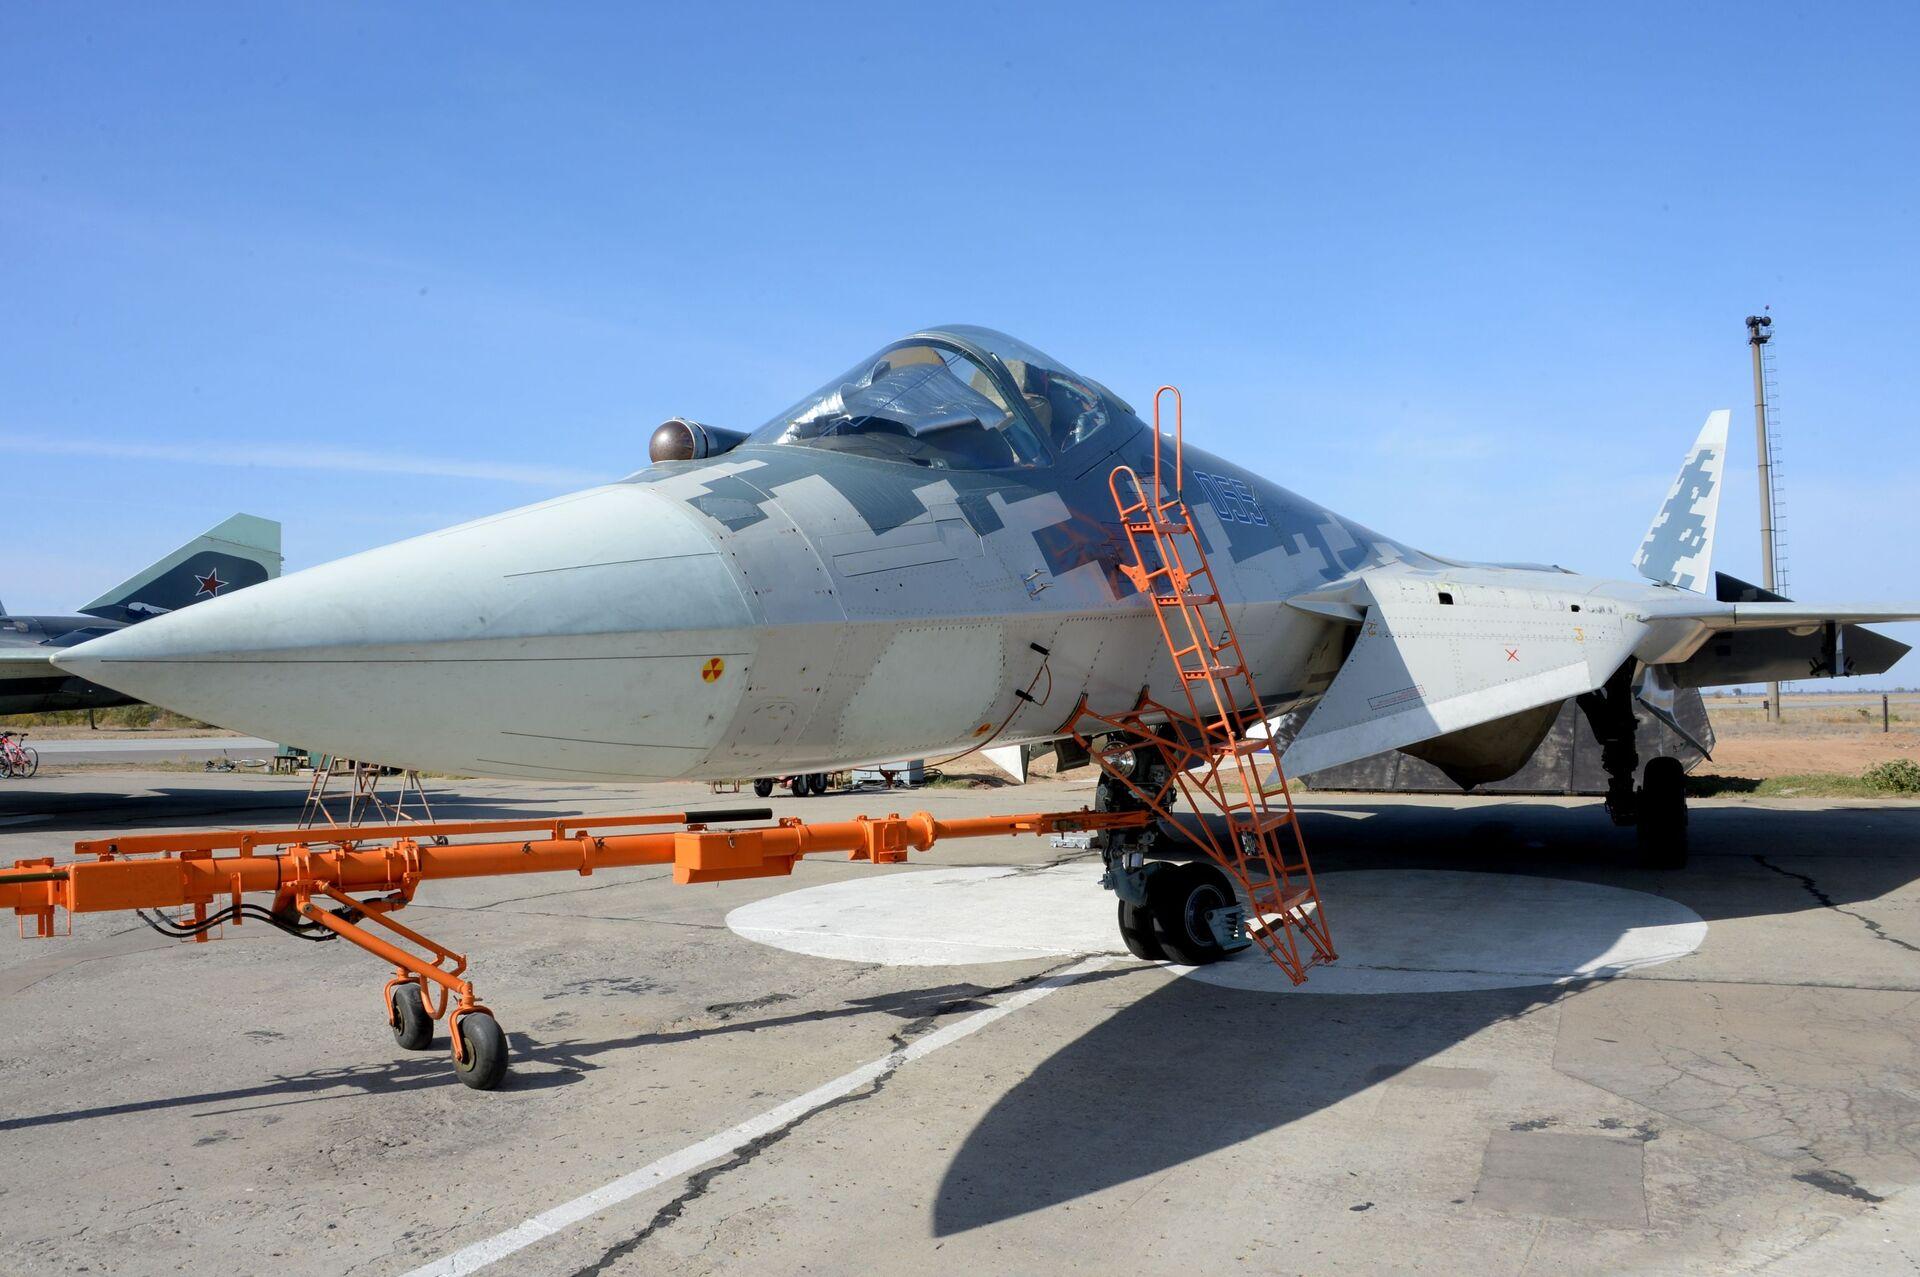 Амерички угао: Три најимпресивнија руска авиона у последње четири деценије - Sputnik Србија, 1920, 13.03.2021